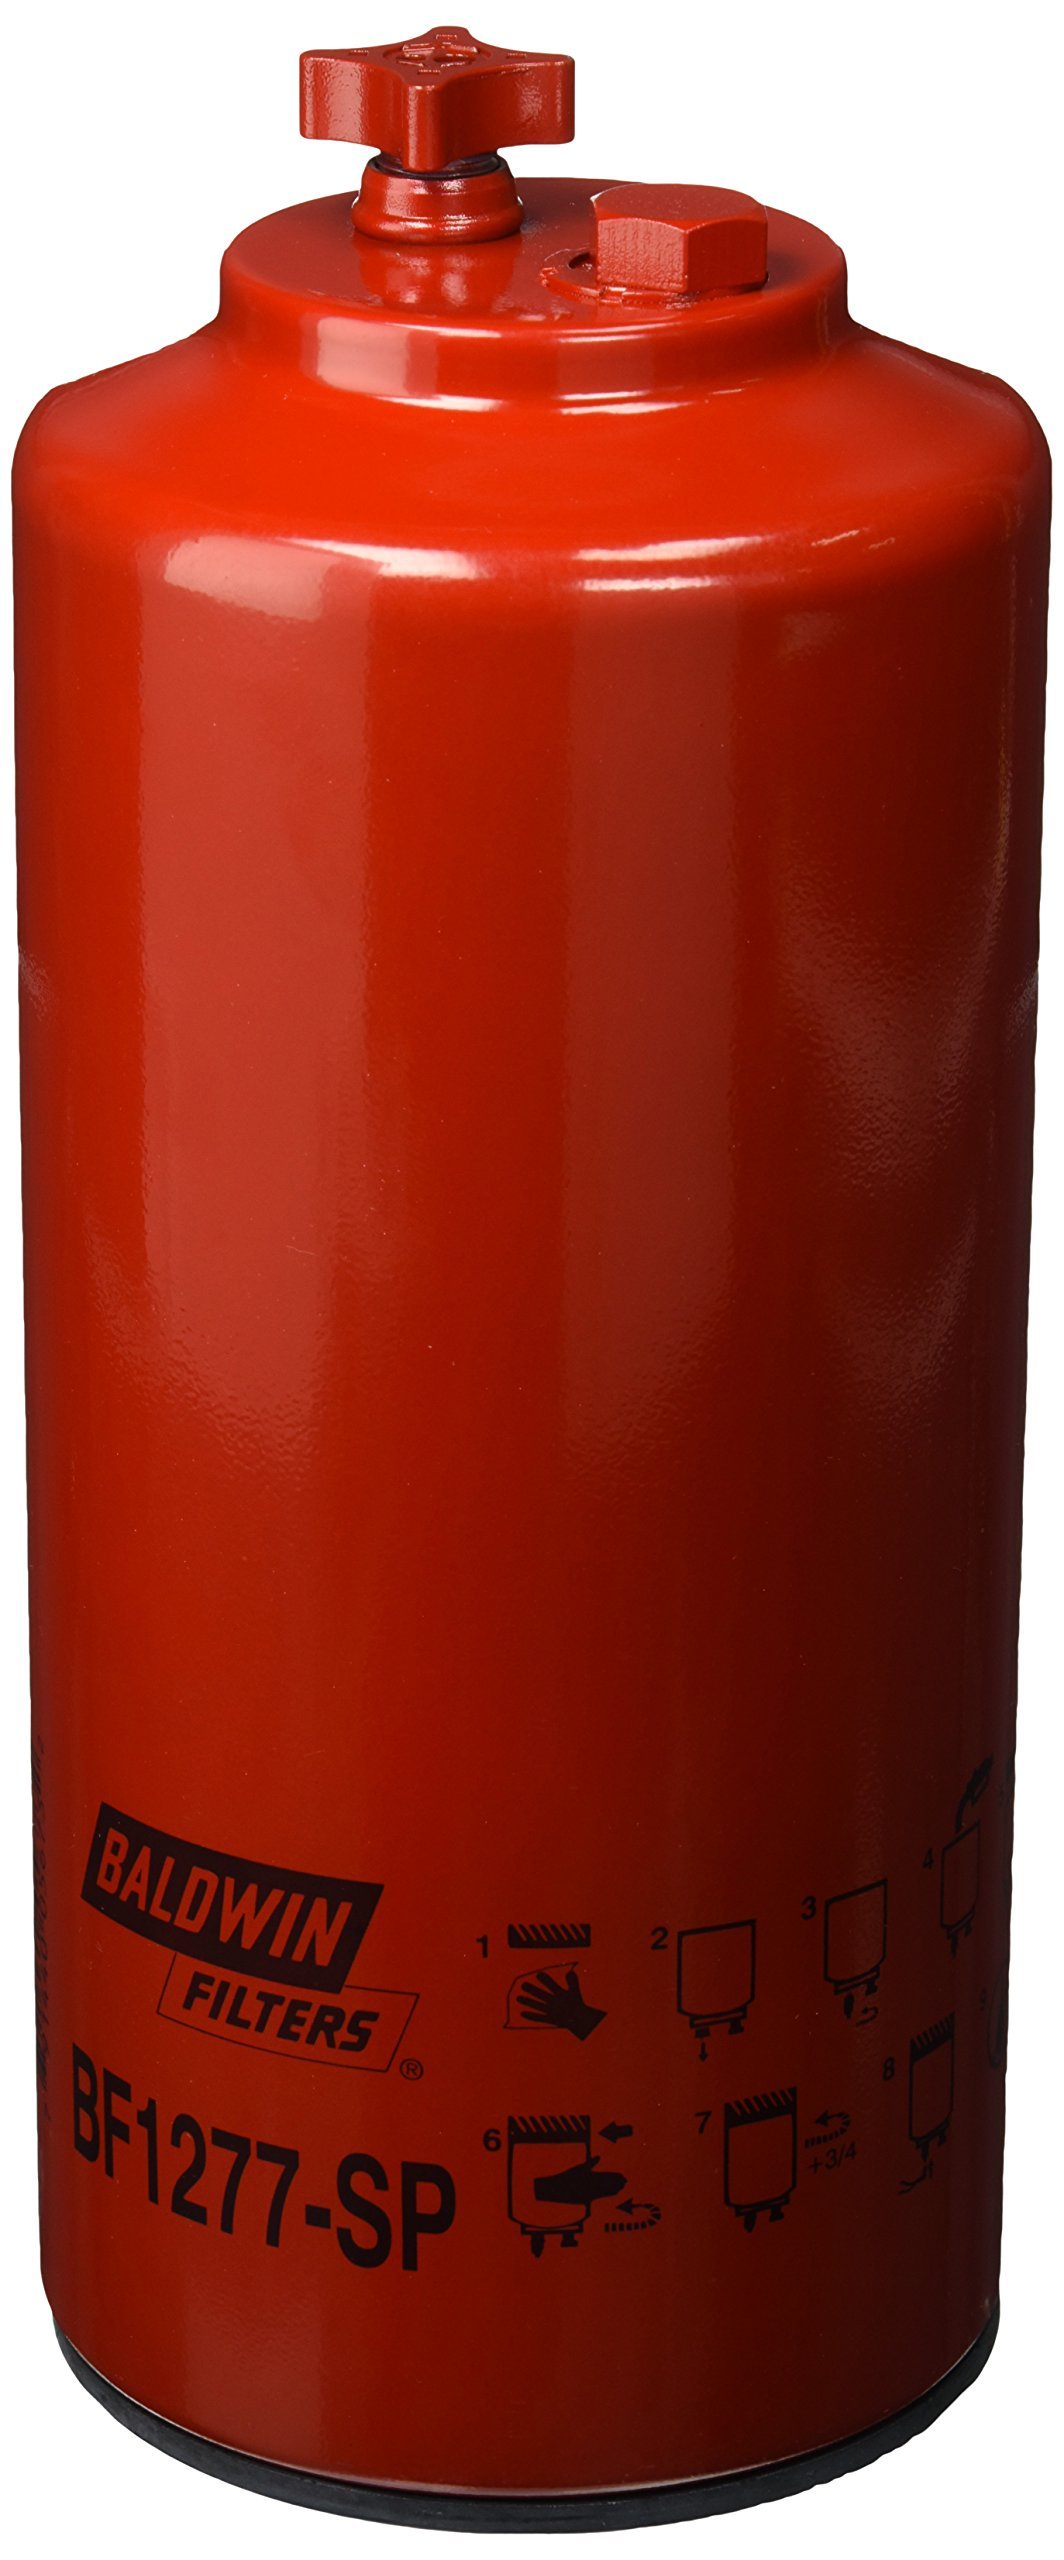 Baldwin Heavy Duty BF1277-SP Fuel Filter,11-5/8 x 4-21/32 x 11-5/8 In